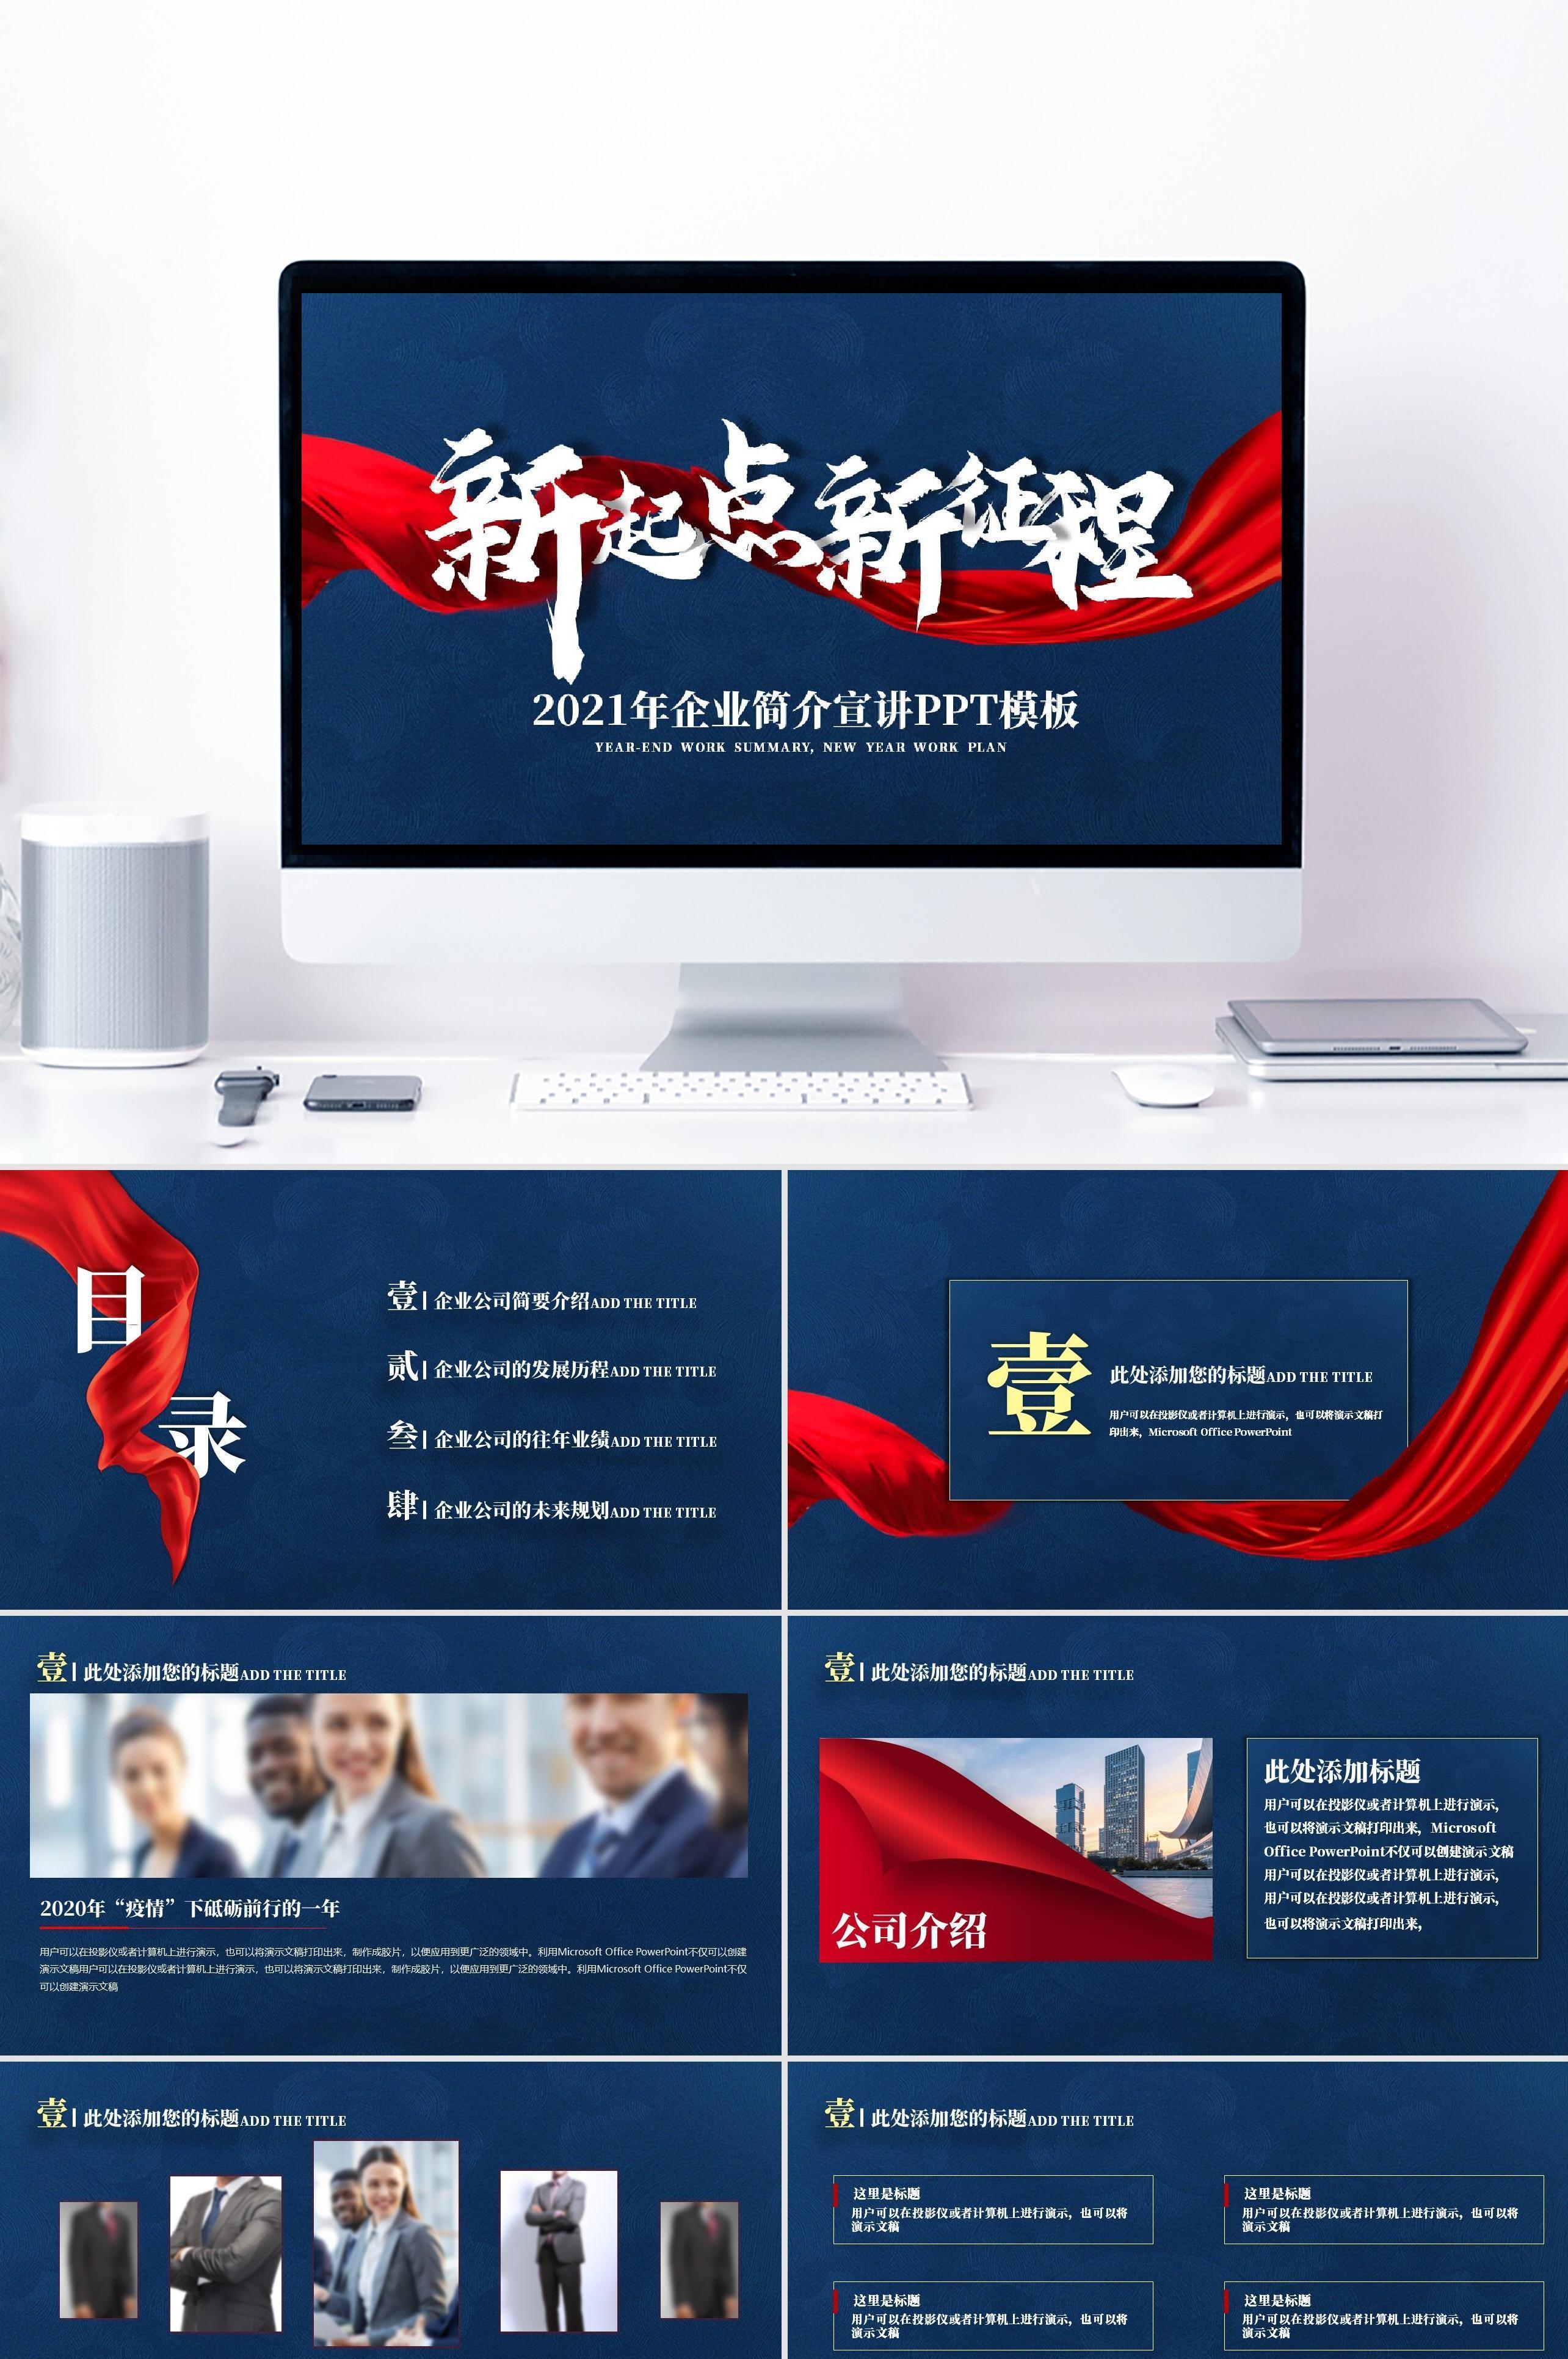 2021年企业简介宣讲ppt模板